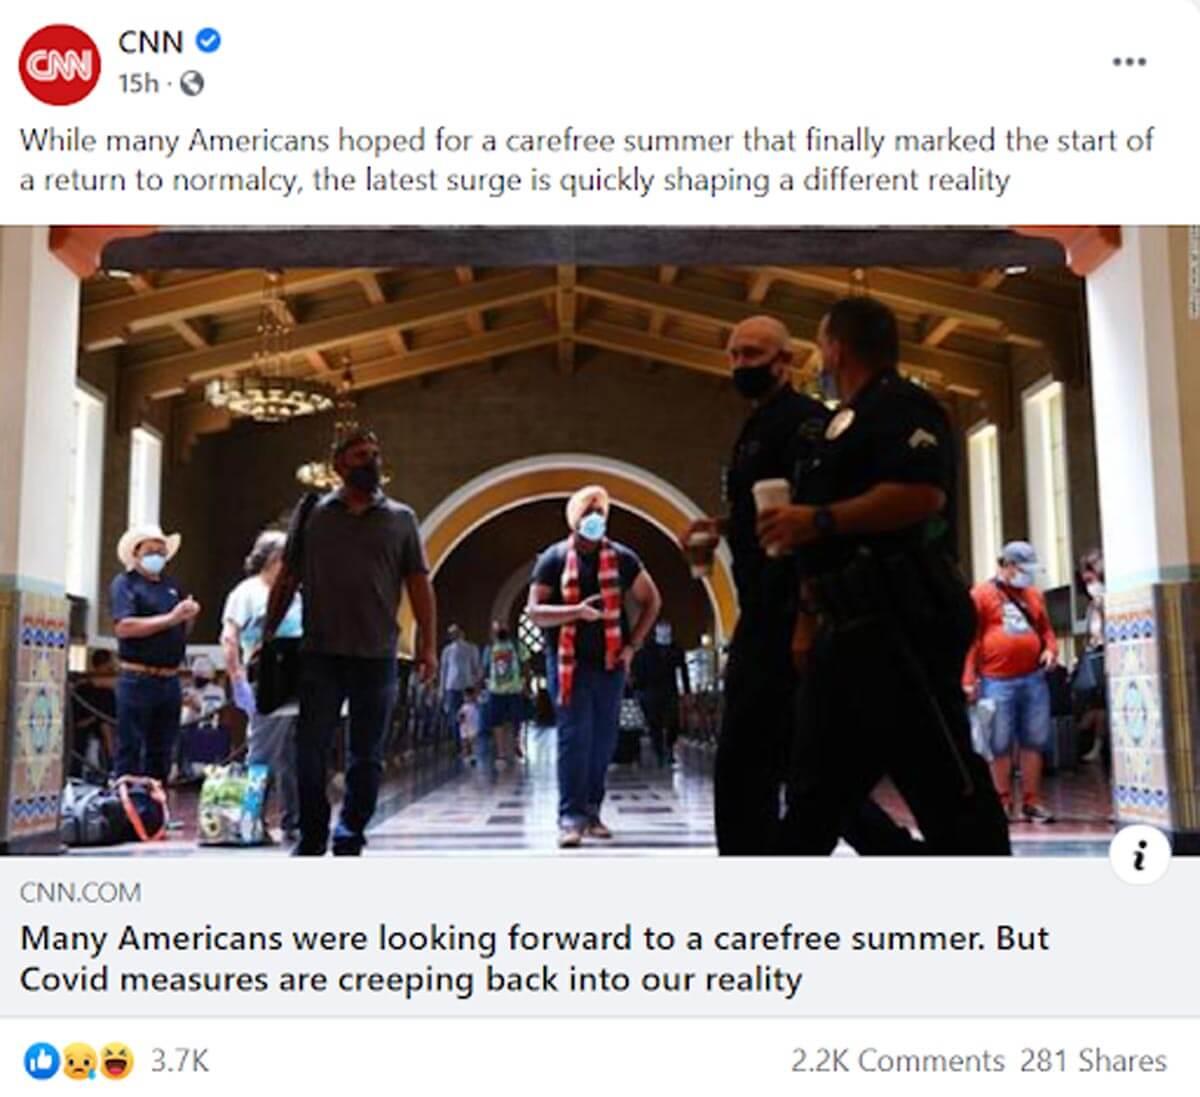 CNN Social Media Post